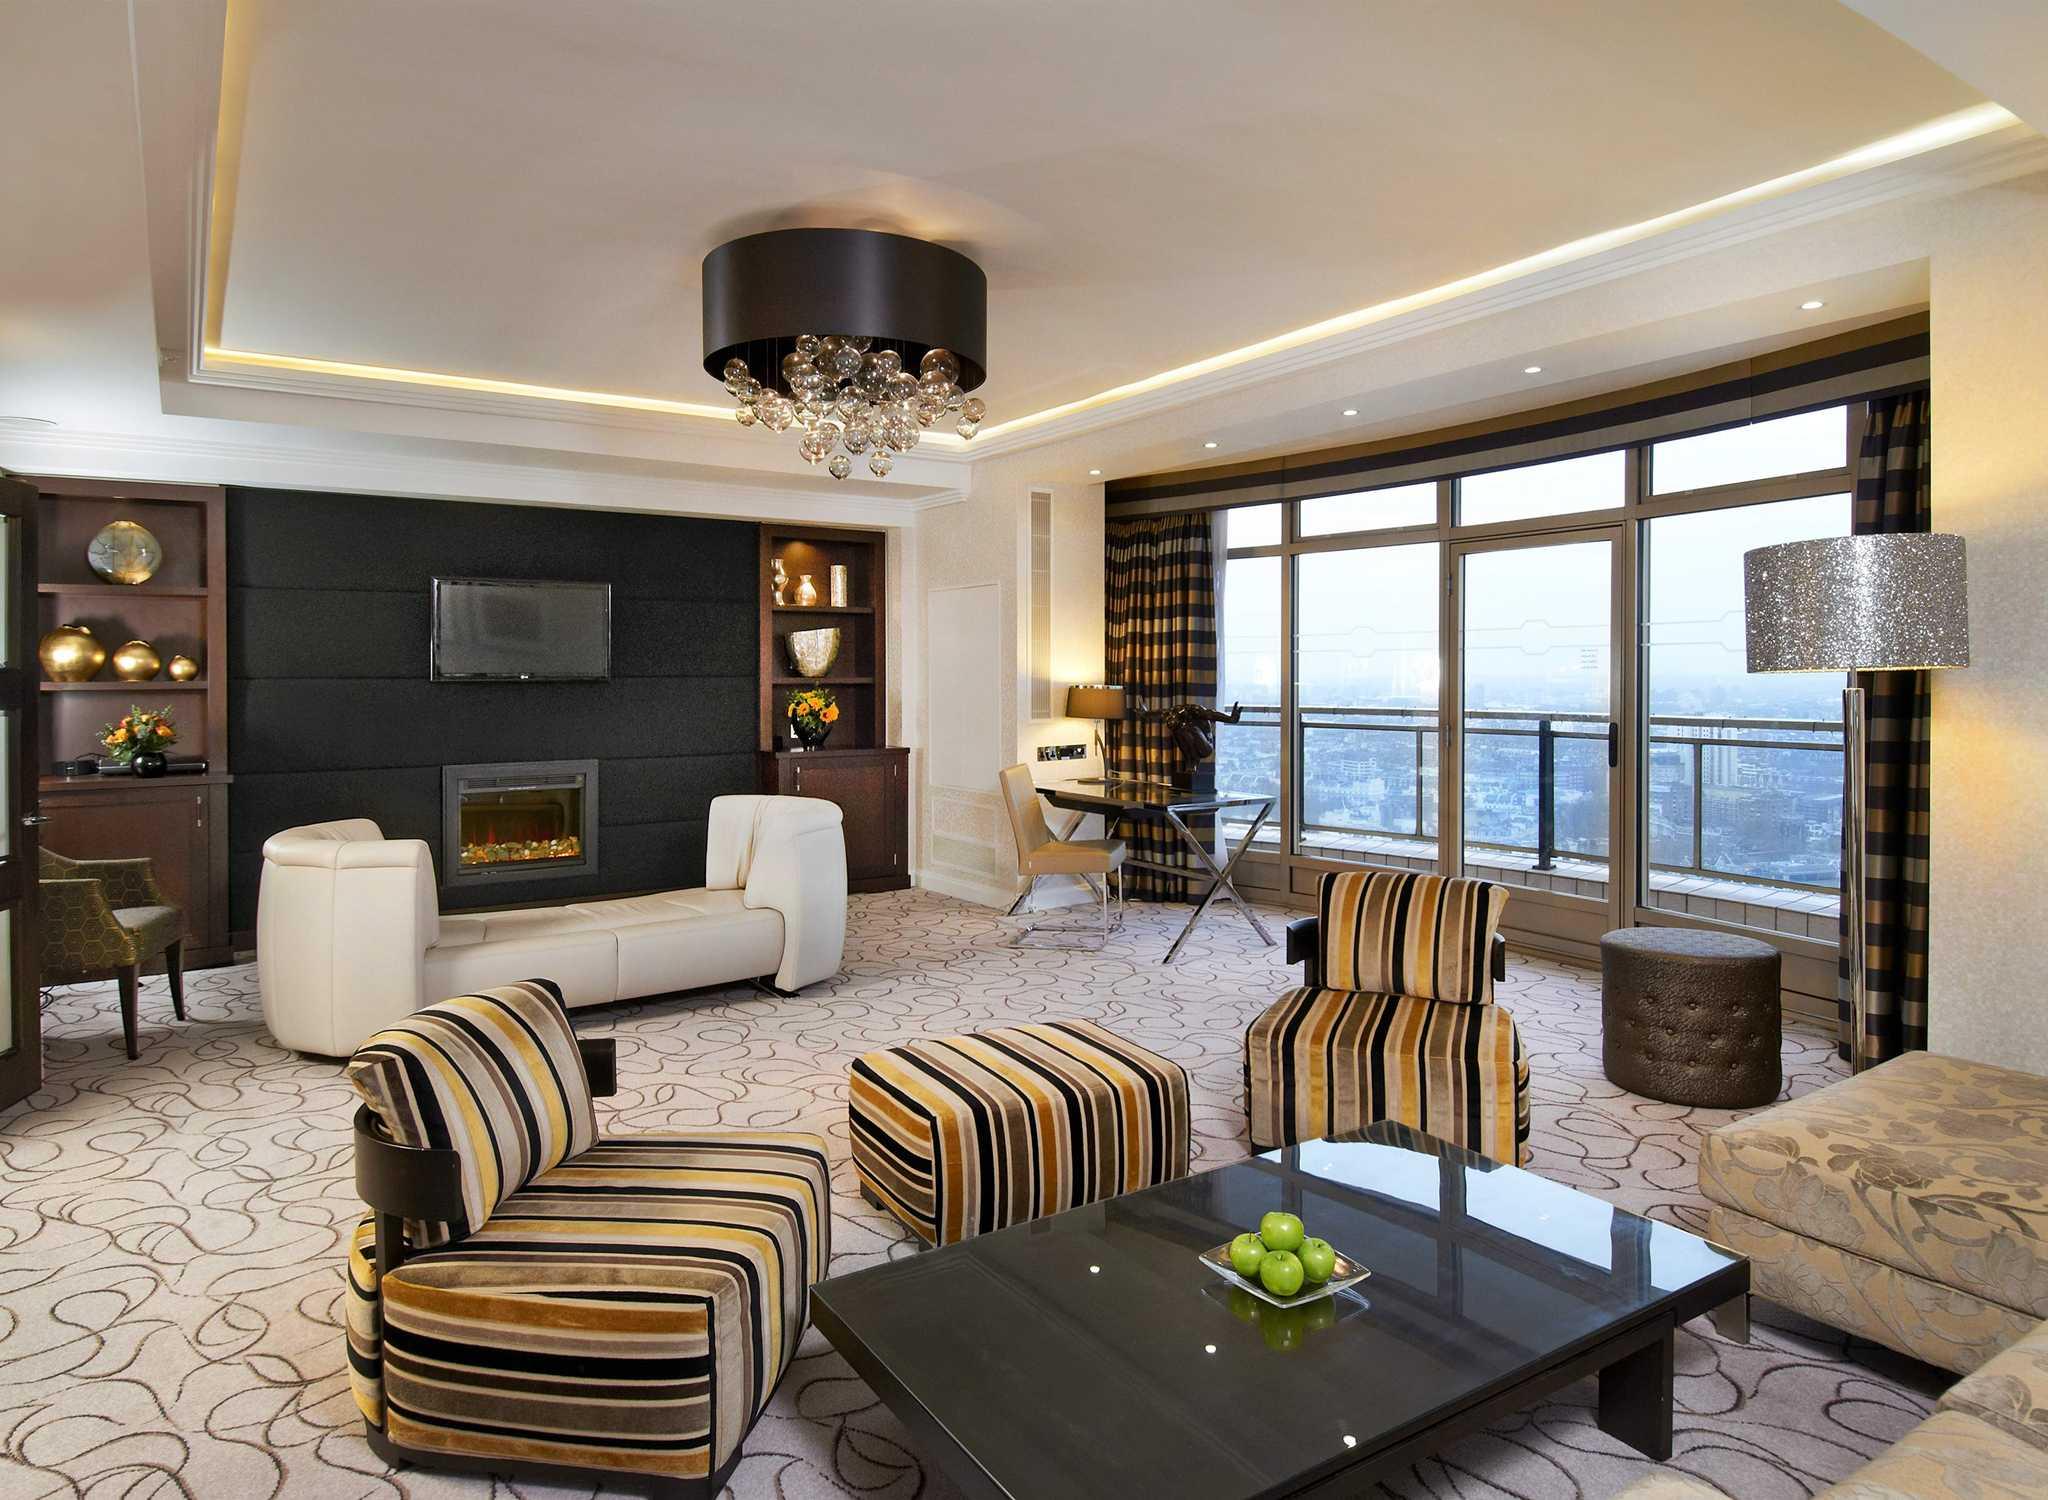 hotel a londra - london hilton on park lane - hotel nel regno unito - Migliore Zona Soggiorno Londra 2